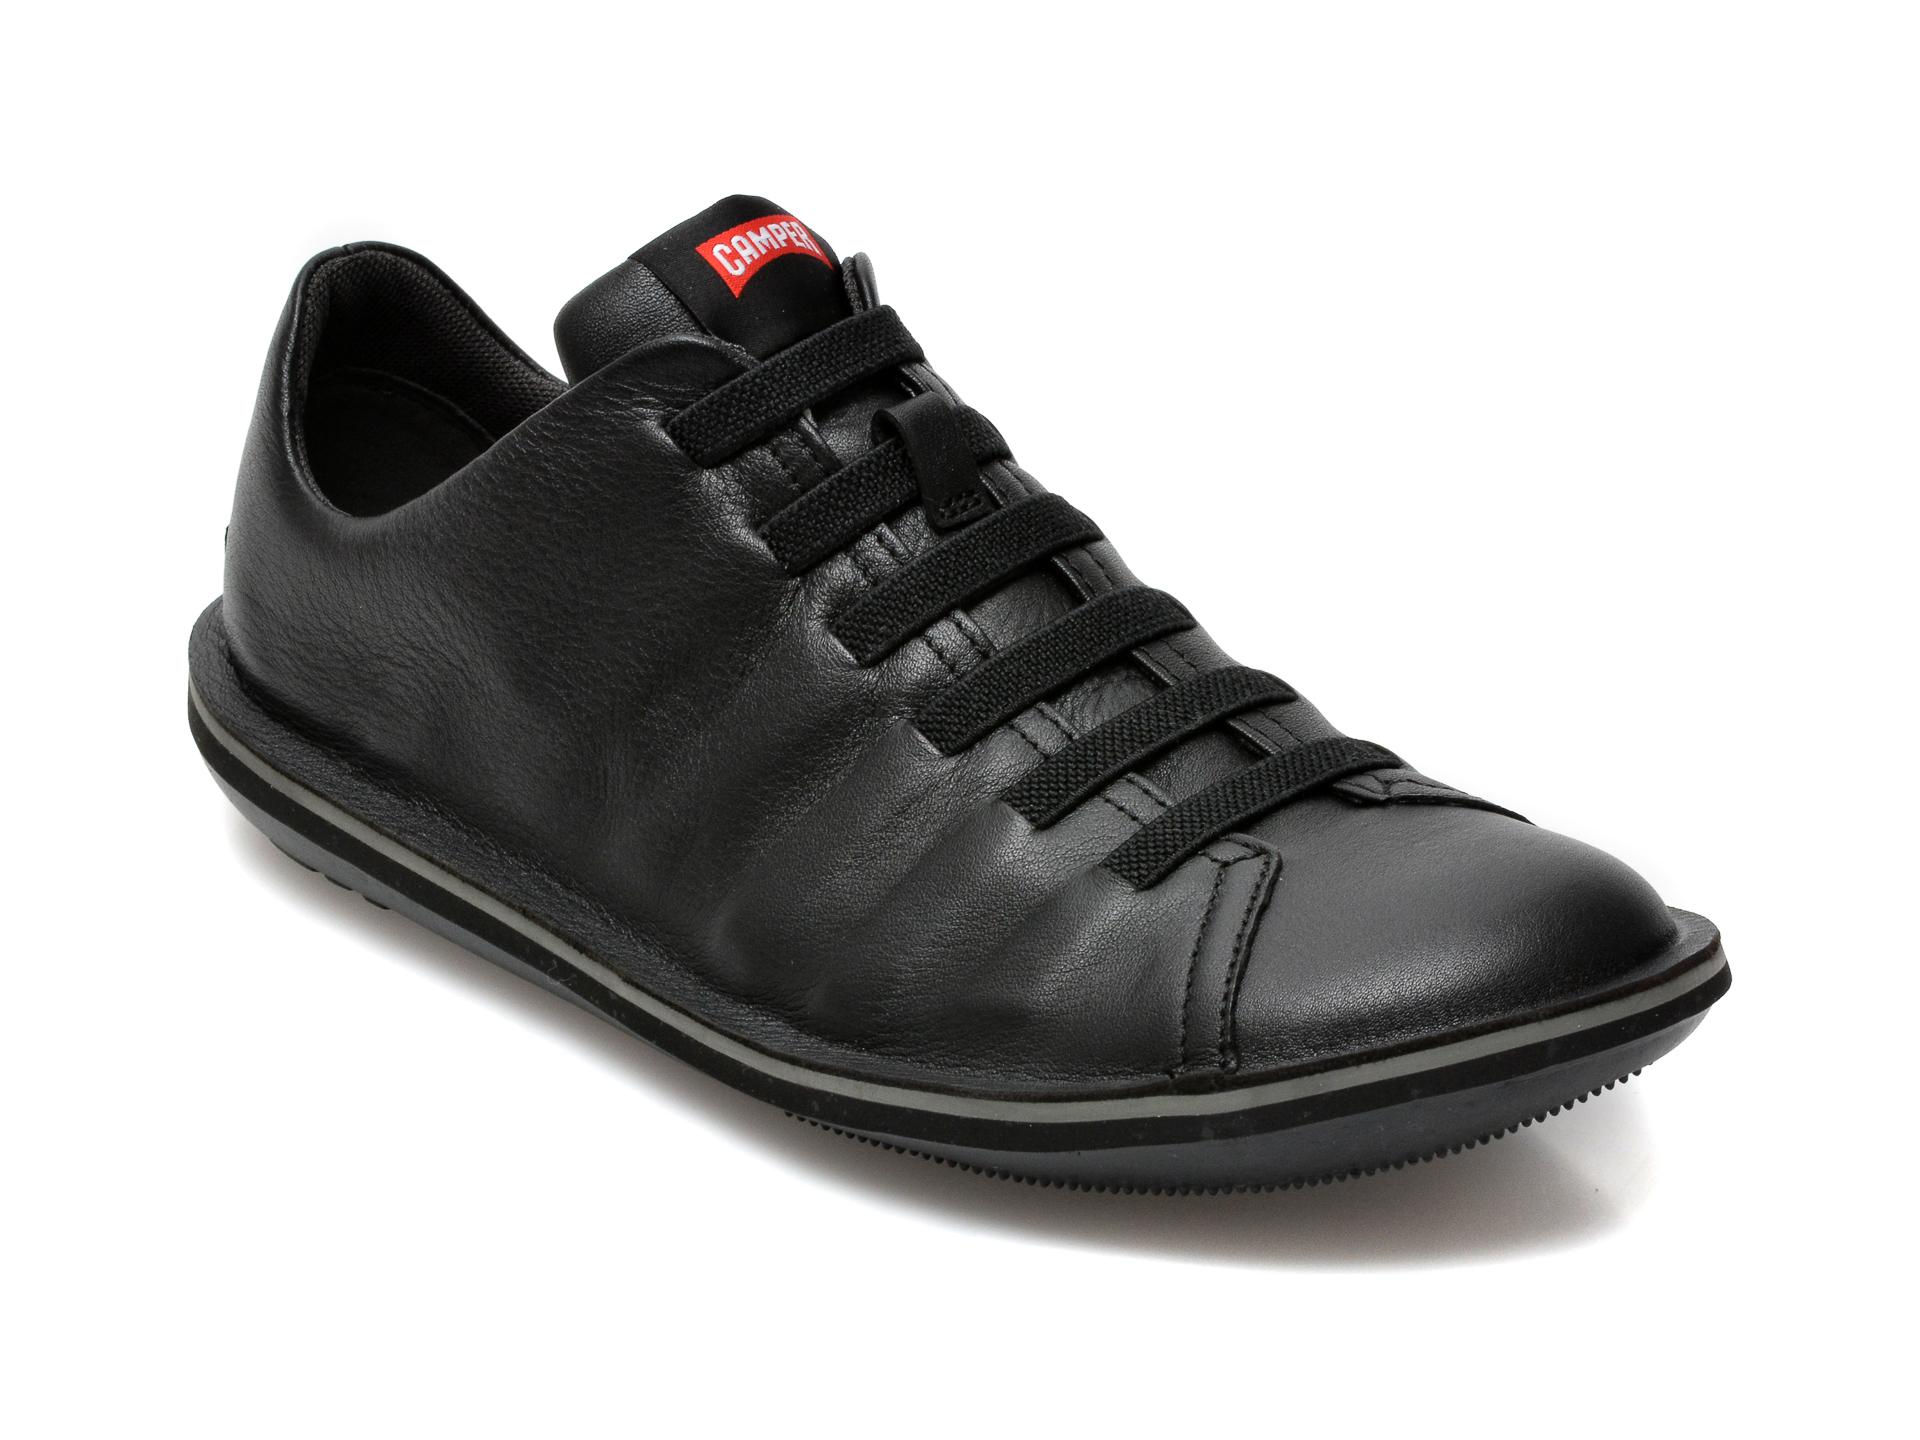 Pantofi CAMPER negri, 18751, din piele naturala imagine otter.ro 2021